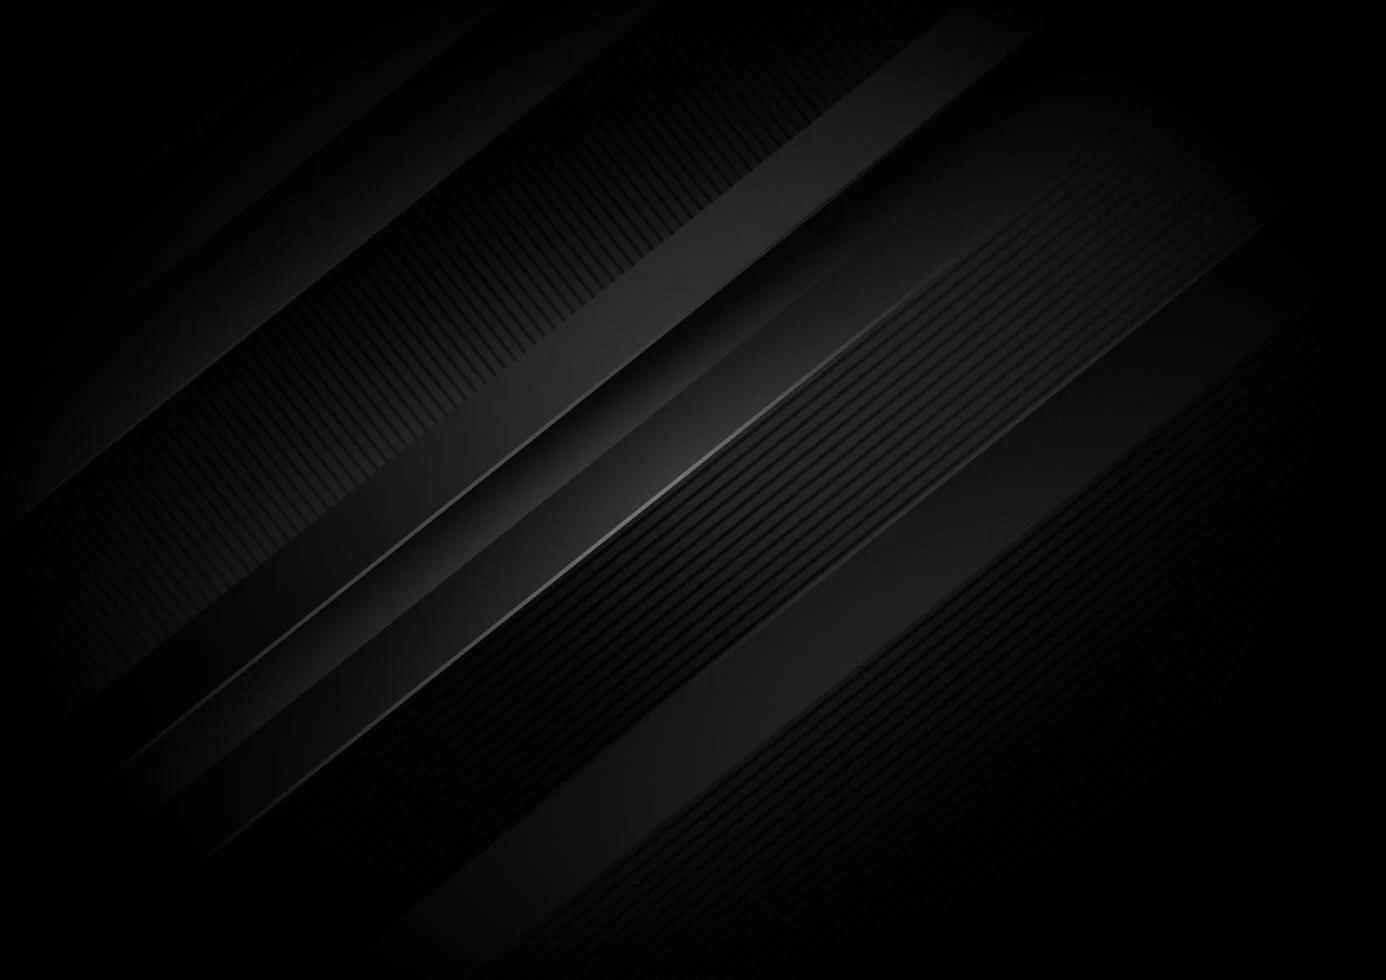 black background - 08 - vecteezy